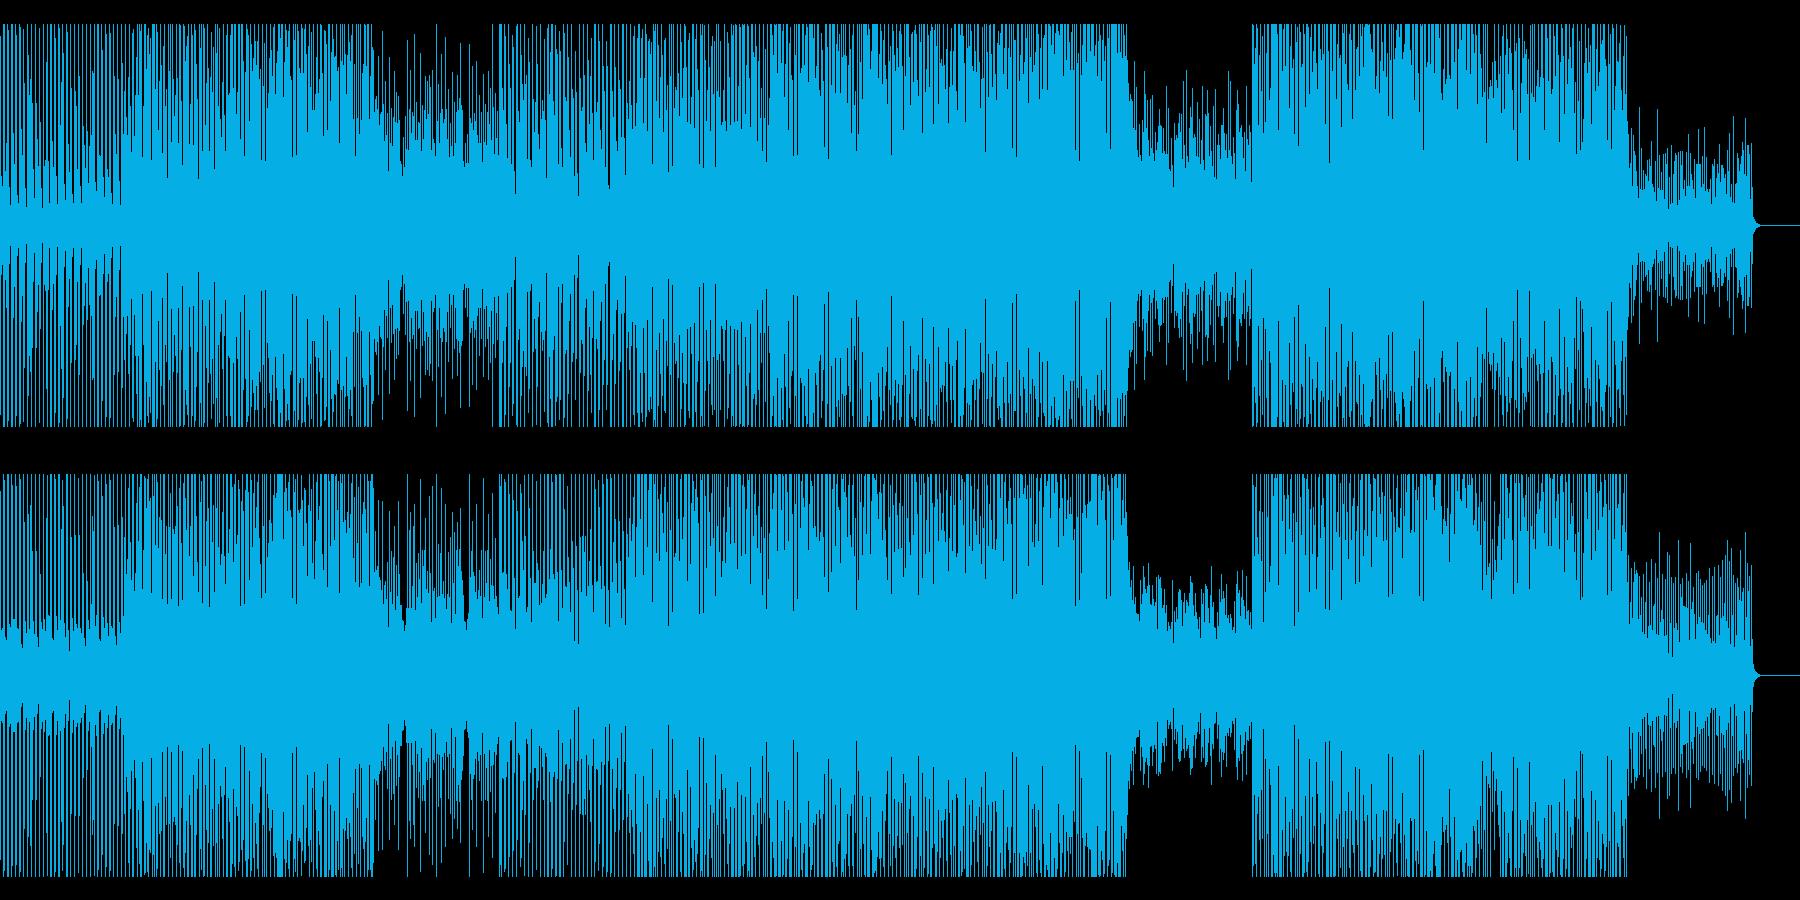 ハウス/ディスコ風ダンストラックの再生済みの波形